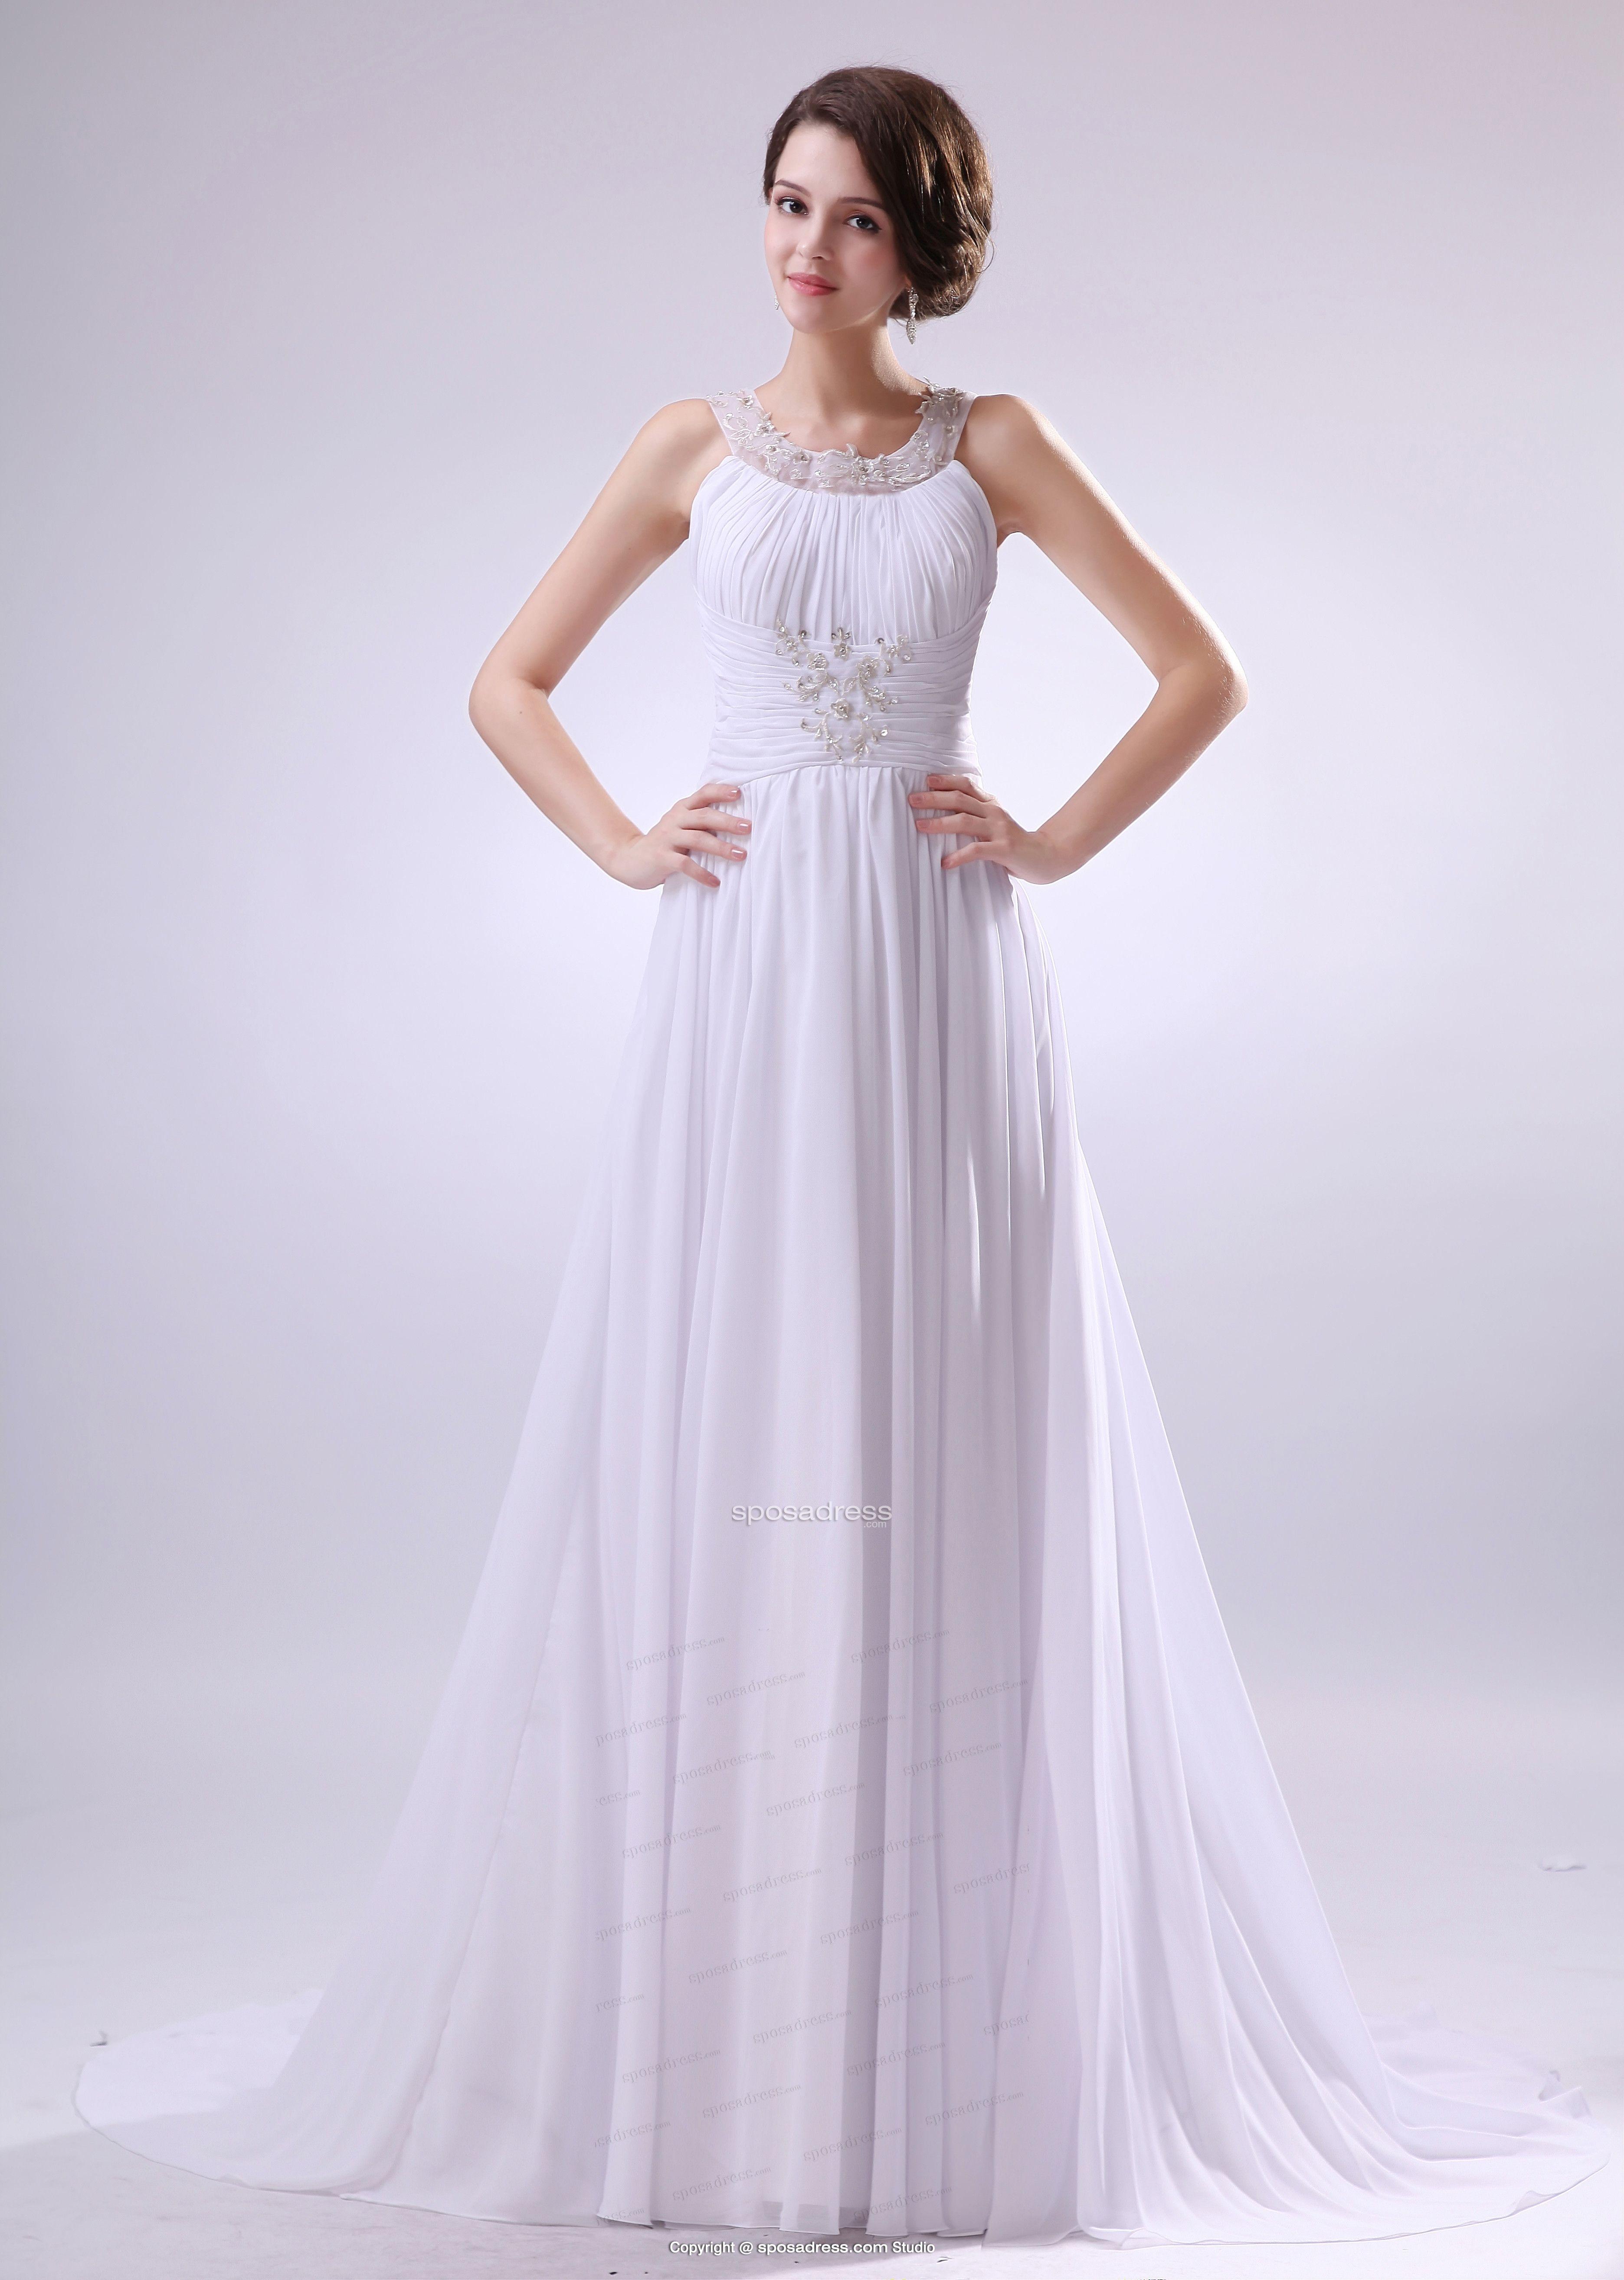 Pin von Geraldine Aluoch auf Wedding Gowns | Pinterest